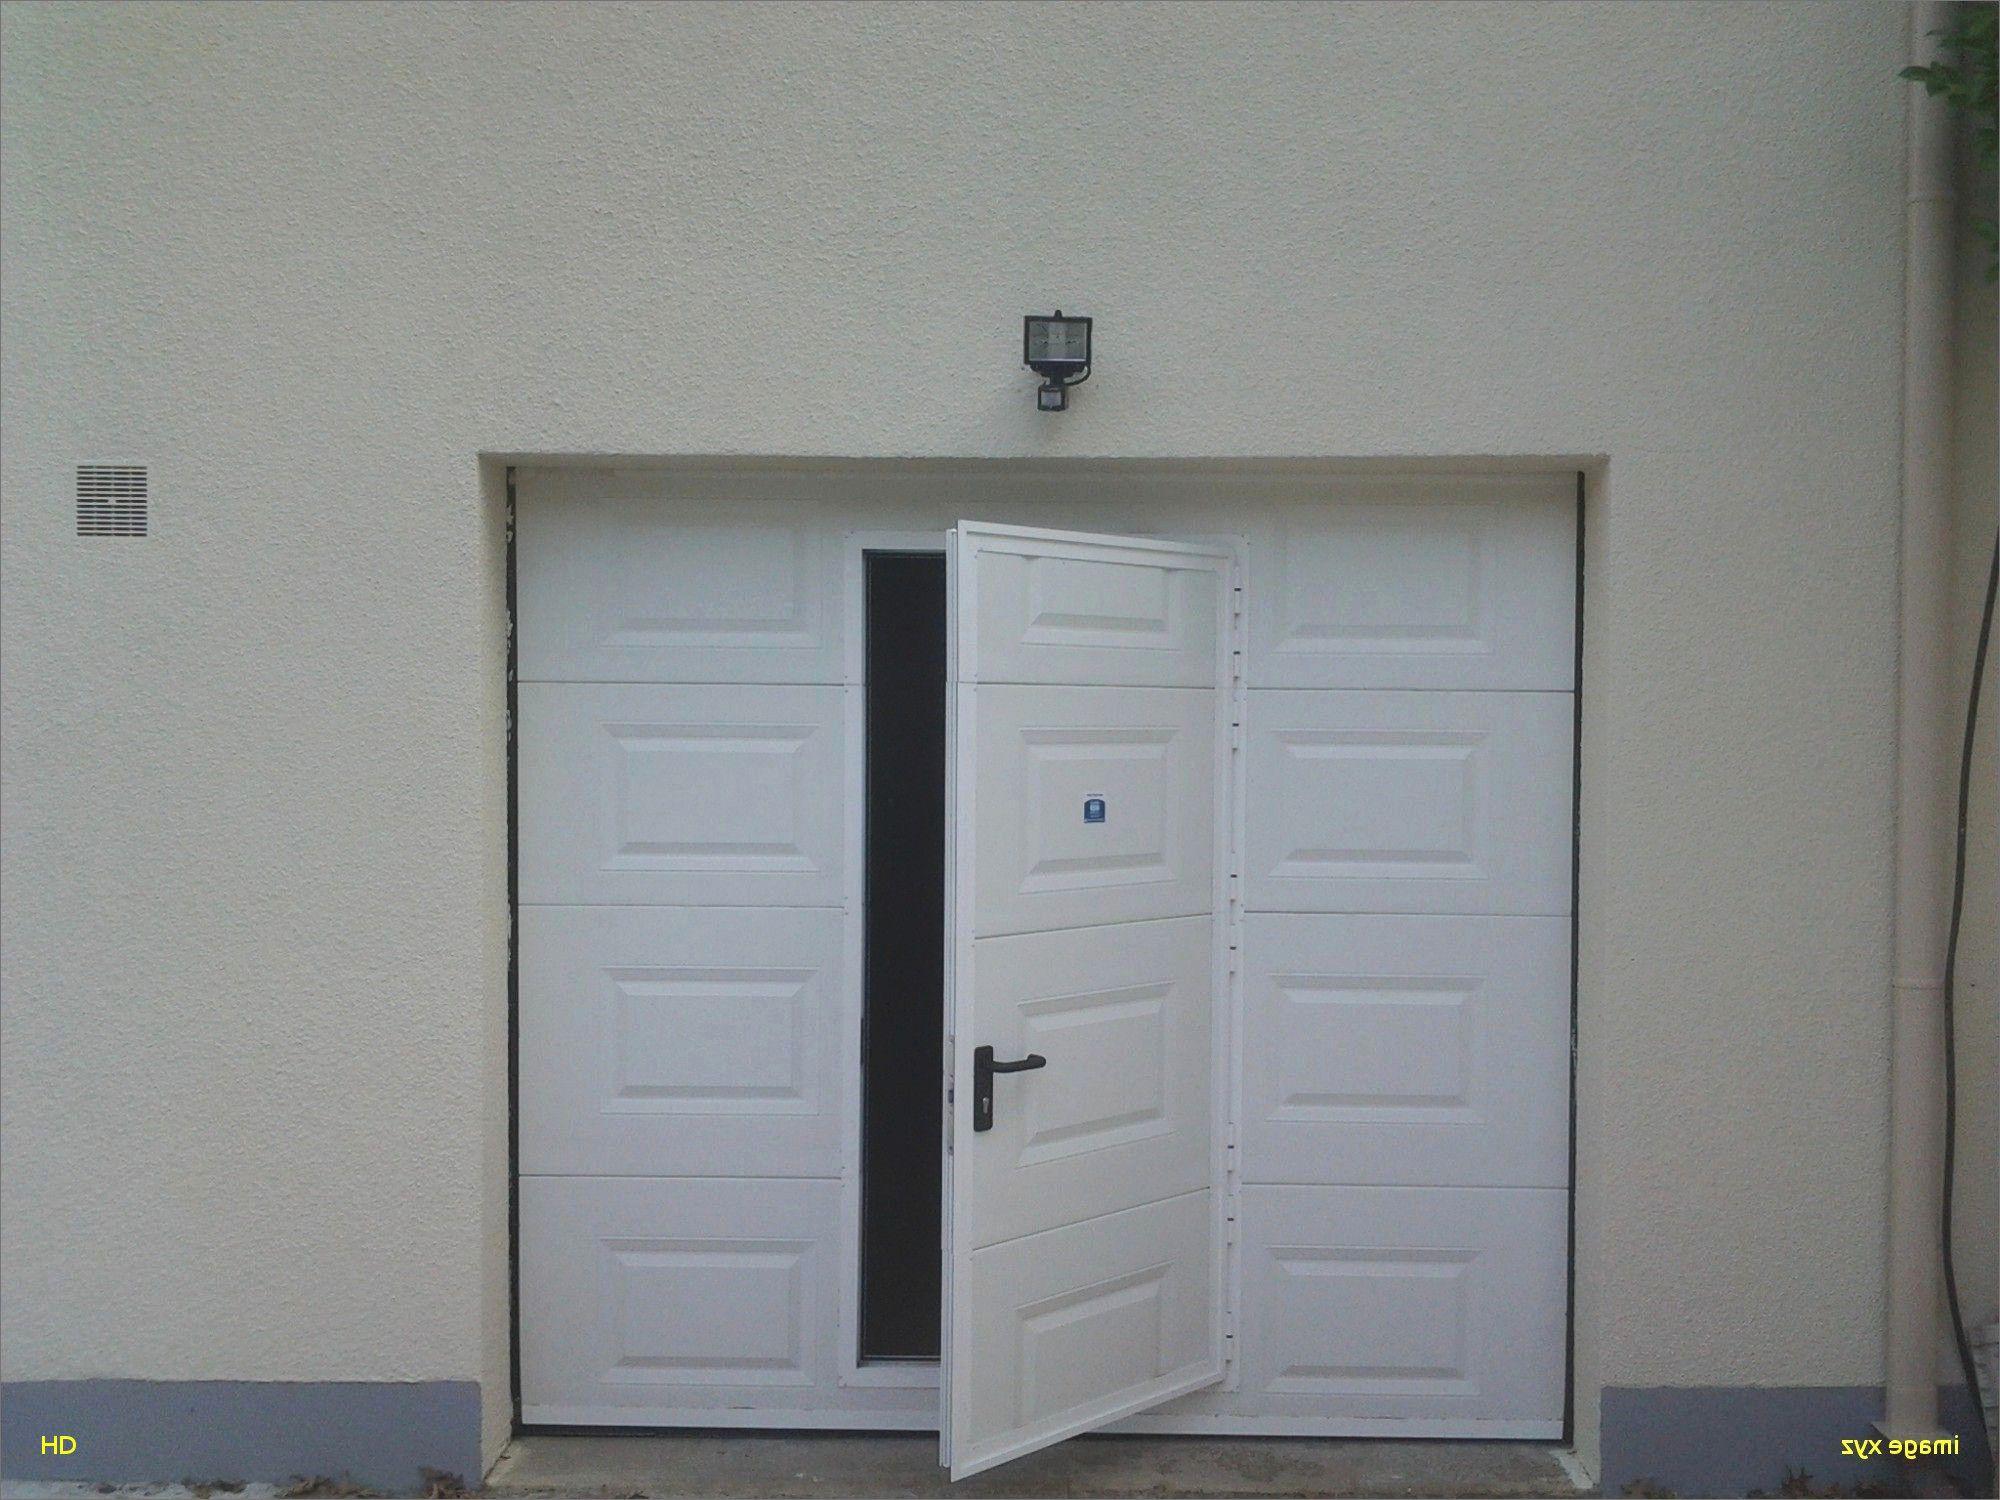 Luxury Prix Porte De Garage Sectionnelle Brico Depot Locker Storage Storage Lockers